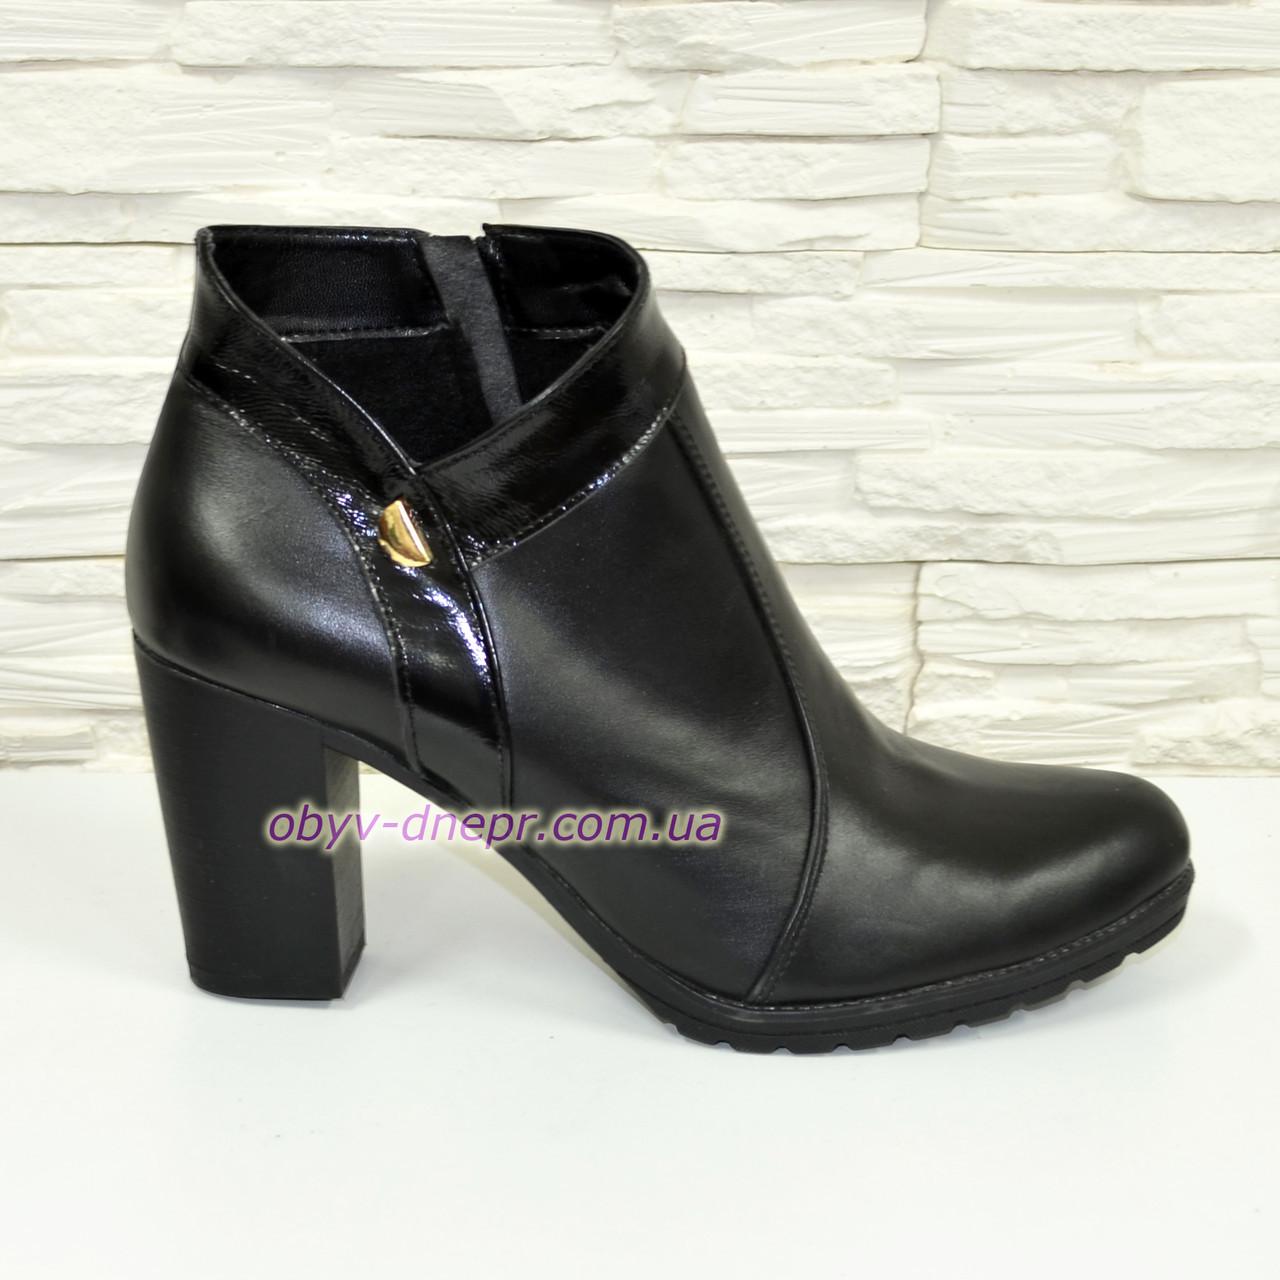 Ботинки женские демисезонные черные на устойчивом каблуке. 38 размер